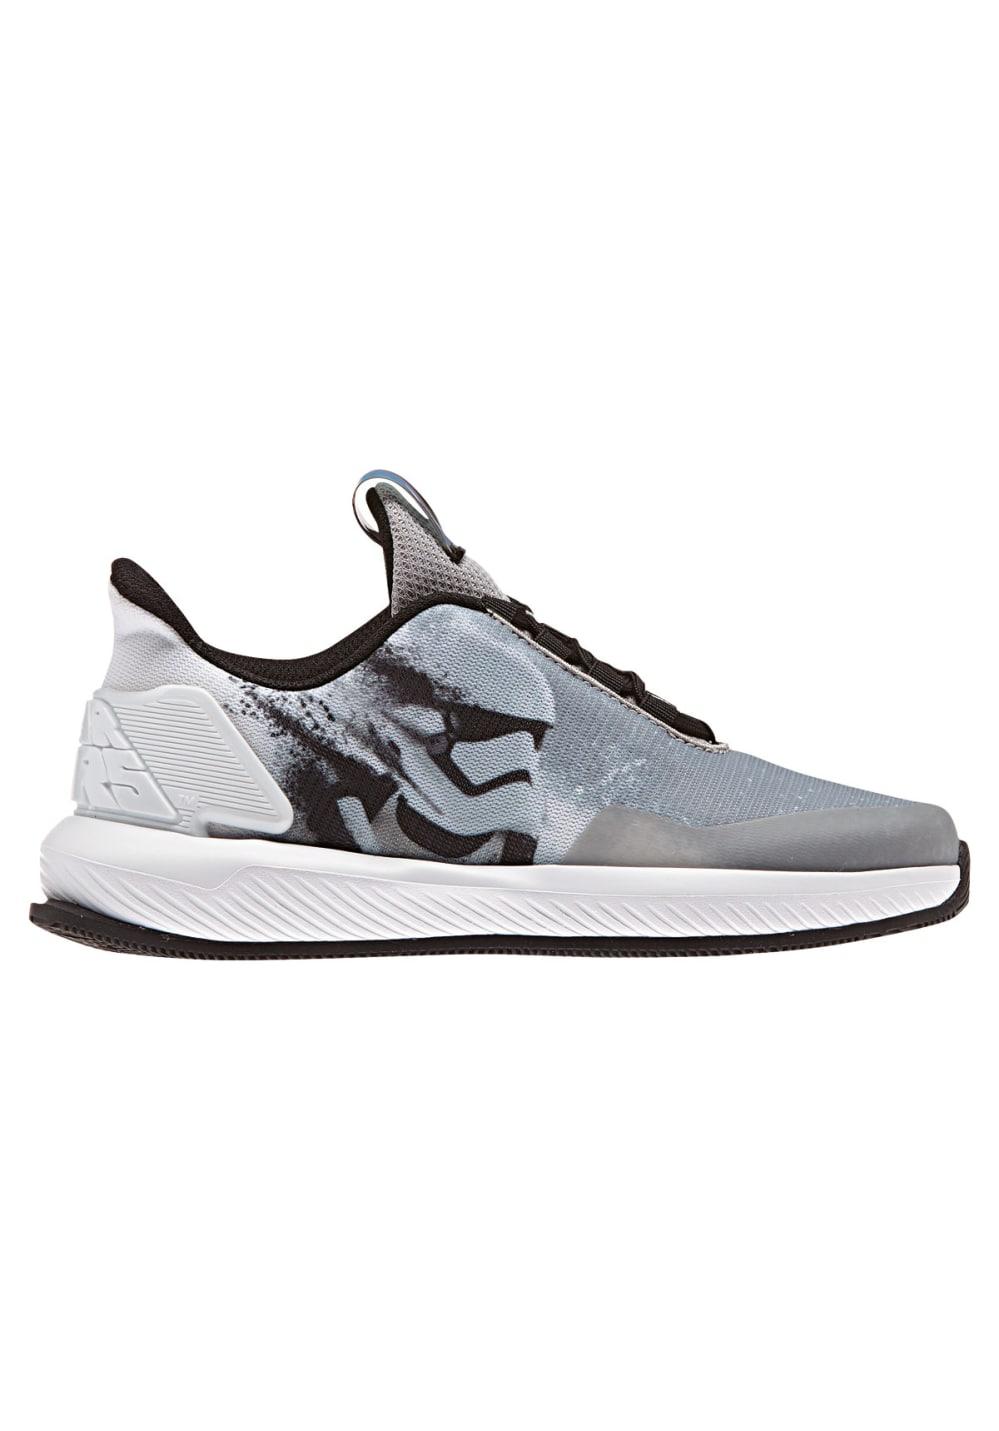 adidas Star Wars K Chaussures running Gris